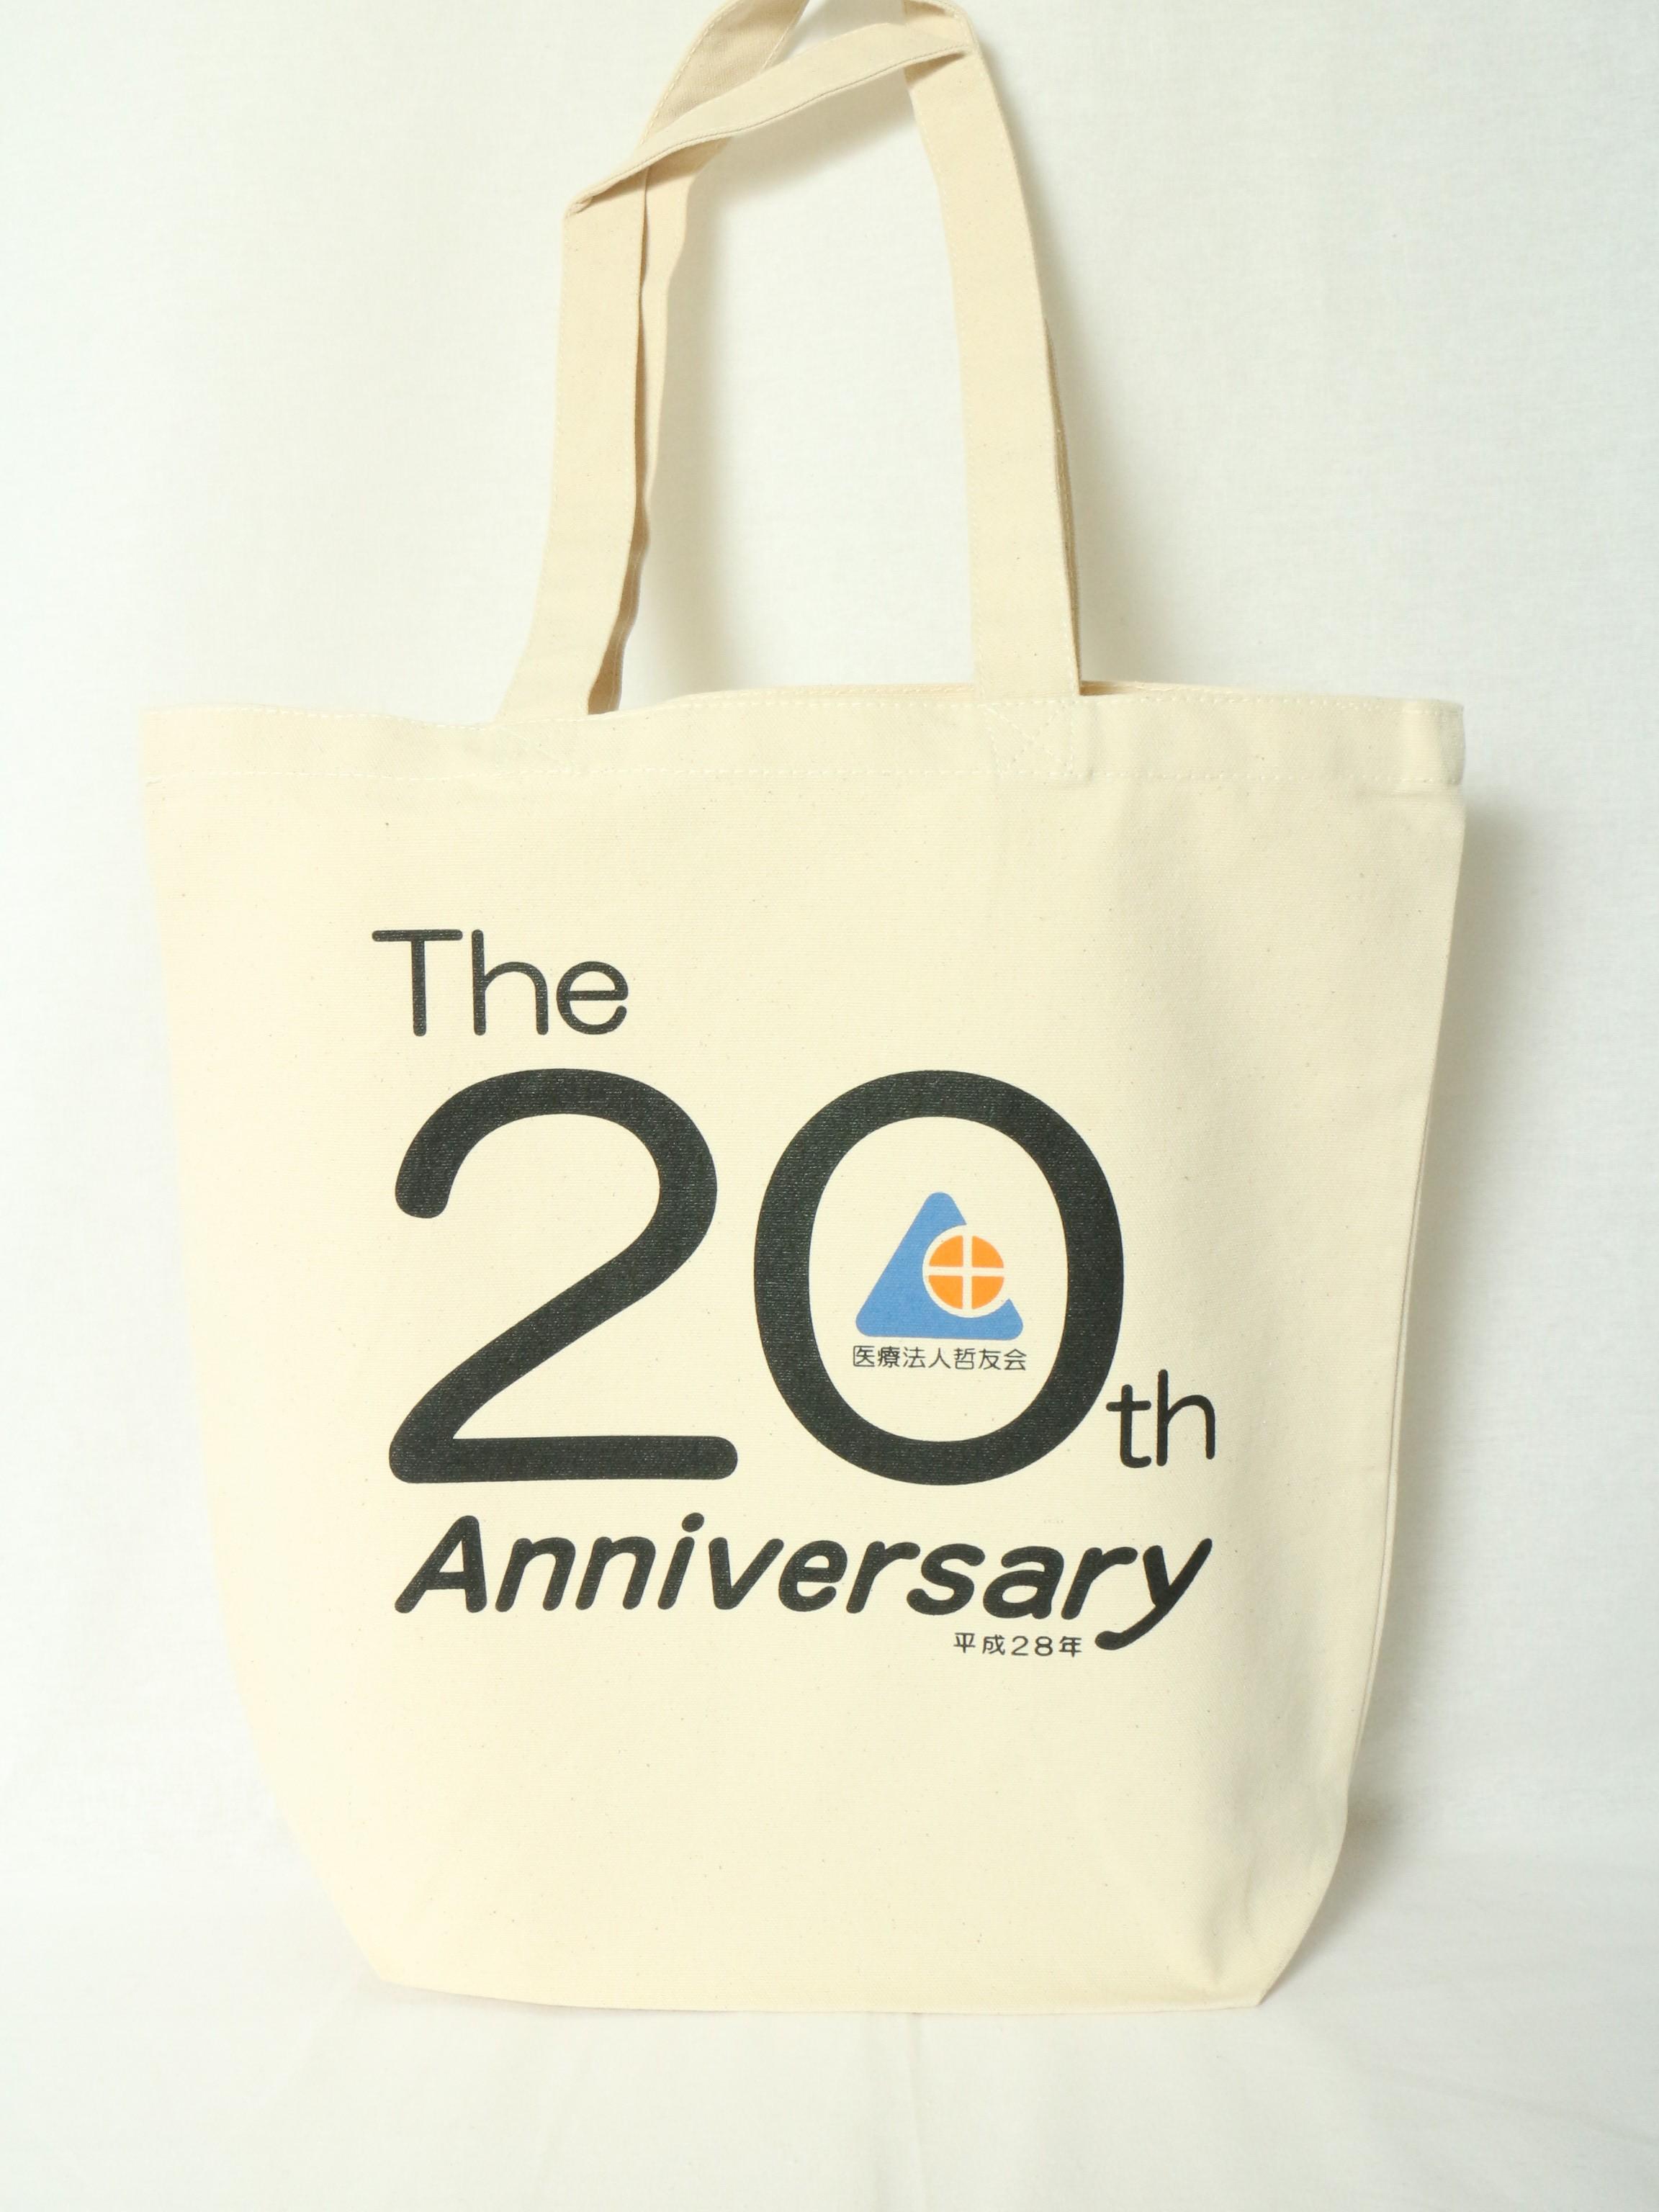 愛知県の整形外科様の20周年記念のオリジナルエコバッグ